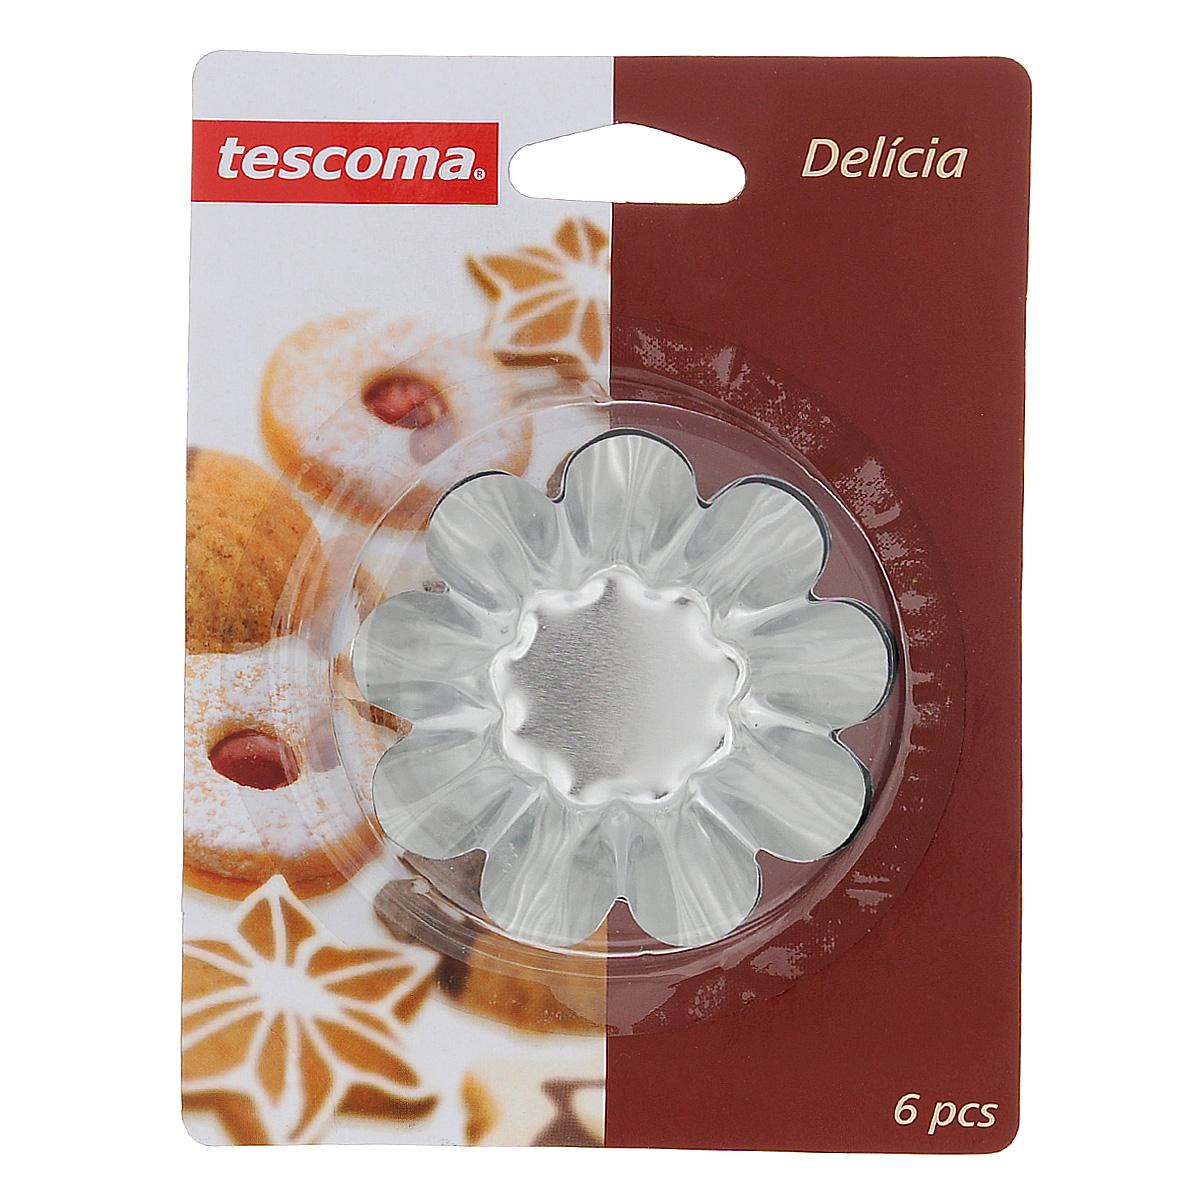 Набор форм для выпечки Tescoma Delicia, с антипригарным покрытием, диаметр 6 см, 6 шт набор форм для выпечки кексов tescoma кофе